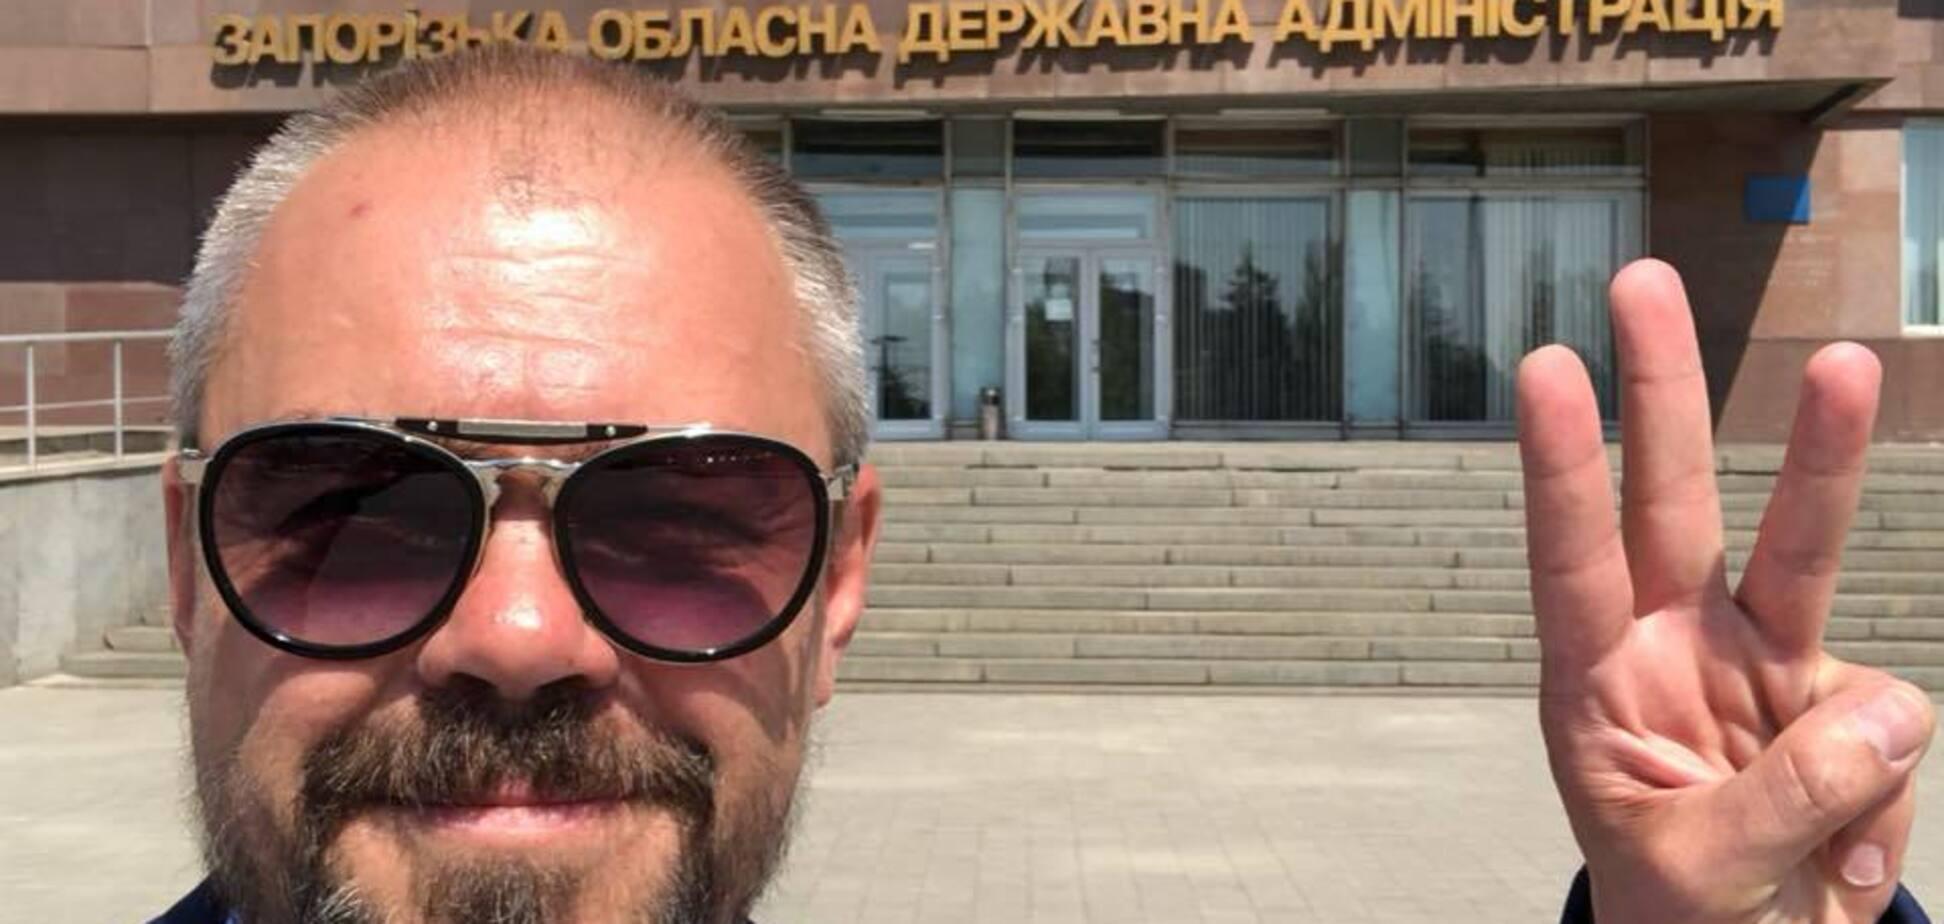 'Ребята видели убийцу': друг АТОшника 'Сармата' рассказал о киллере